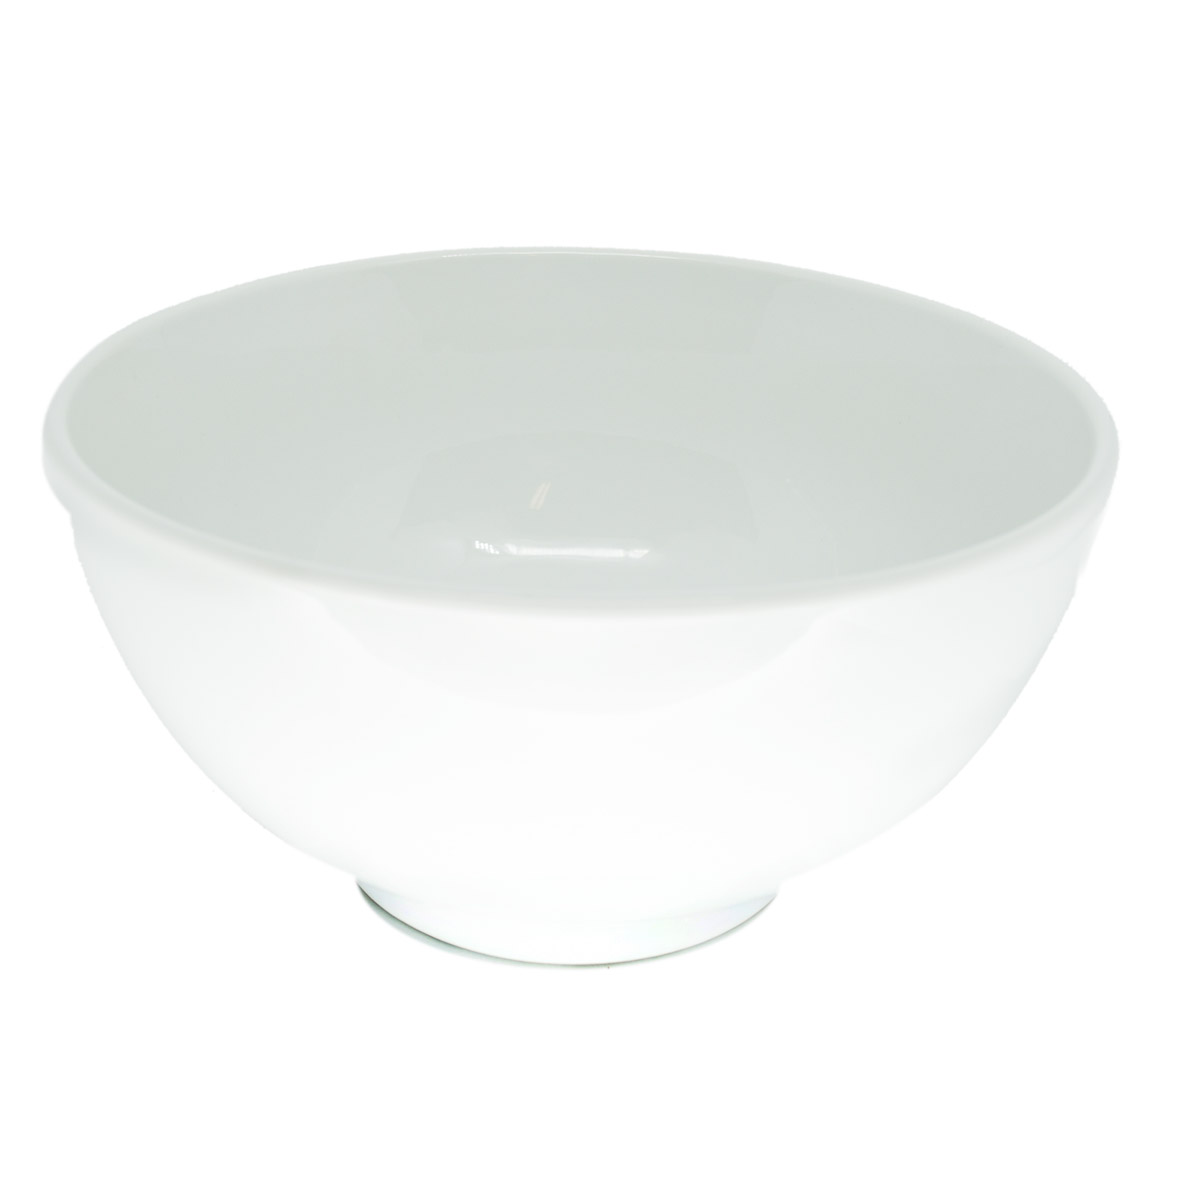 Travessa de Porcelana Redonda Bowl s/Borda 25x13,5